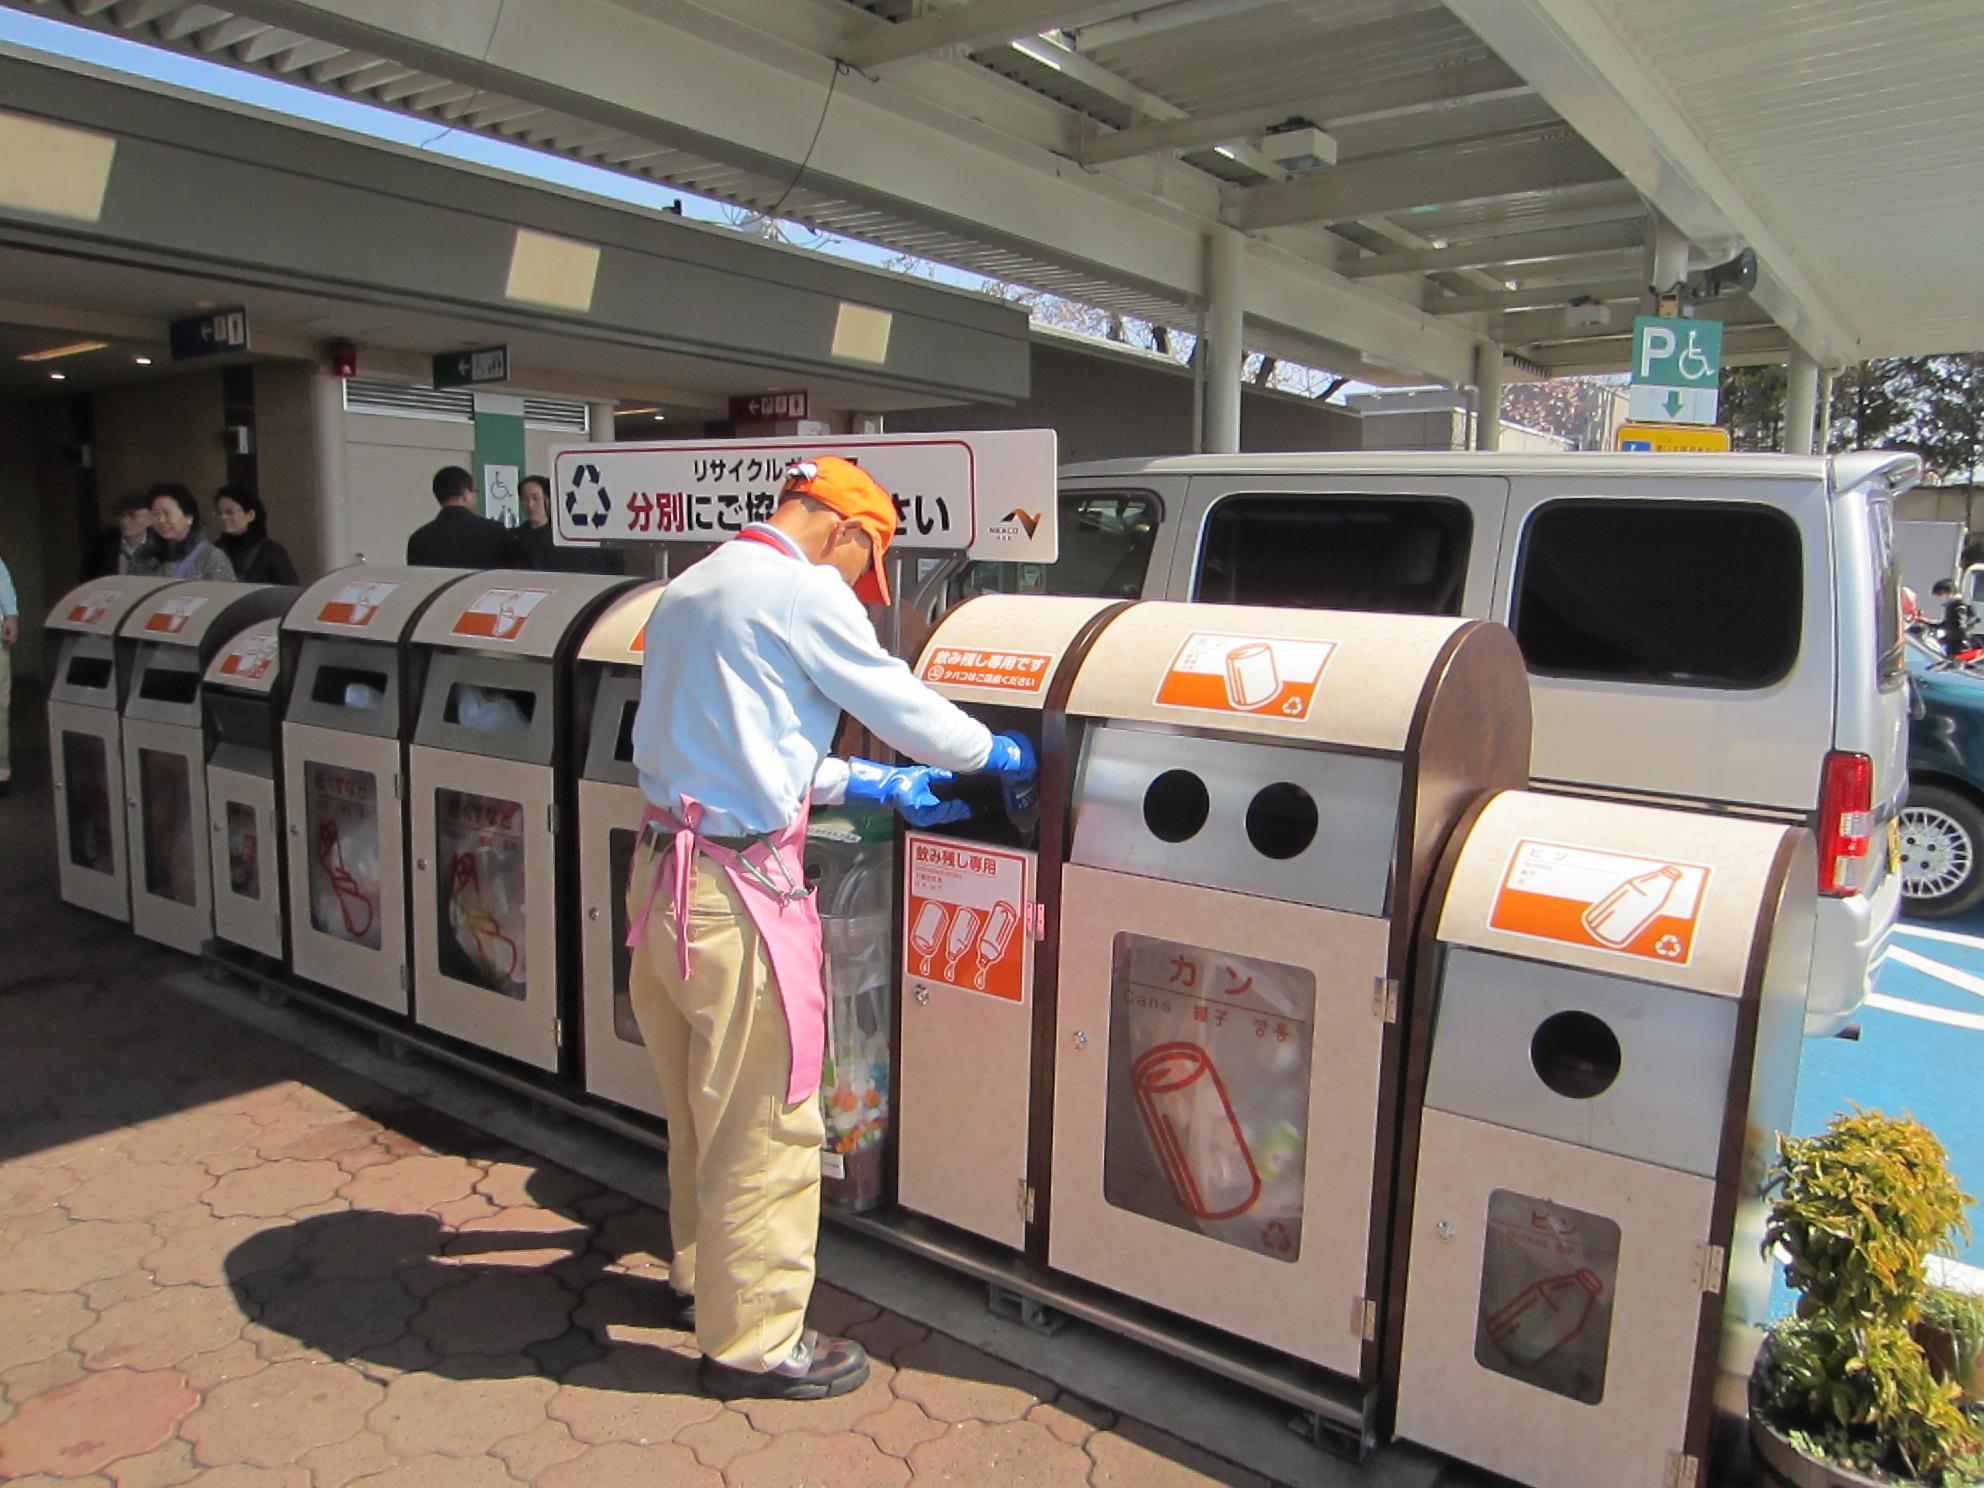 Kamikatsu – La città giapponese che entro il 2020 produrrà zero rifiuti